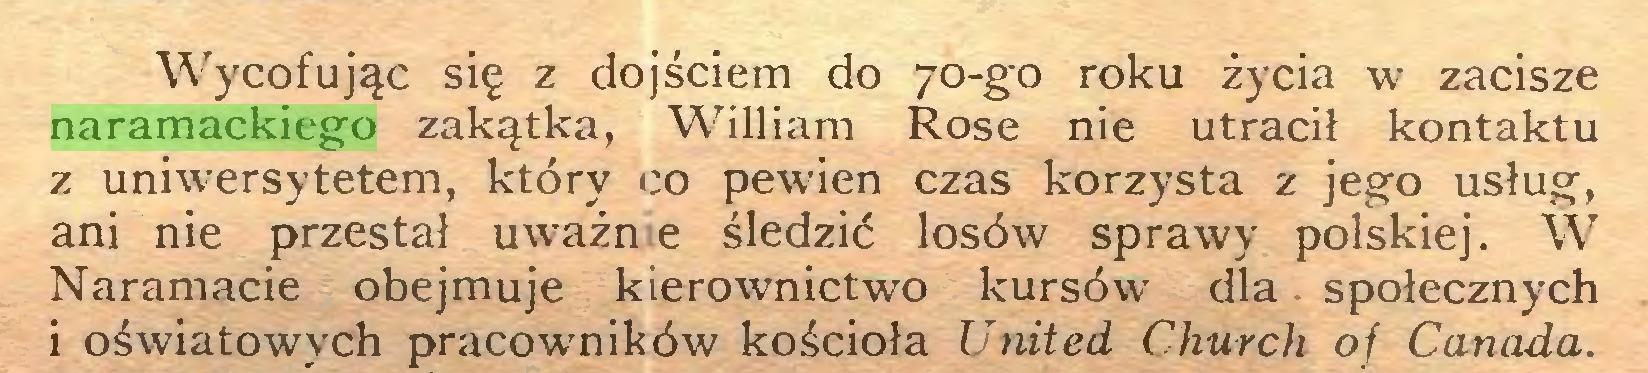 (...) Wycofując się z dojściem do 70-go roku życia w zacisze naramackiego zakątka, William Rose nie utracił kontaktu z uniwersytetem, który co pewien czas korzysta z jego usług, ani nie przestał uważn e śledzić losów sprawy polskiej. W Naramacie obejmuje kierownictwo kursów dla społecznych i oświatowych pracowników kościoła United Church of Canada...